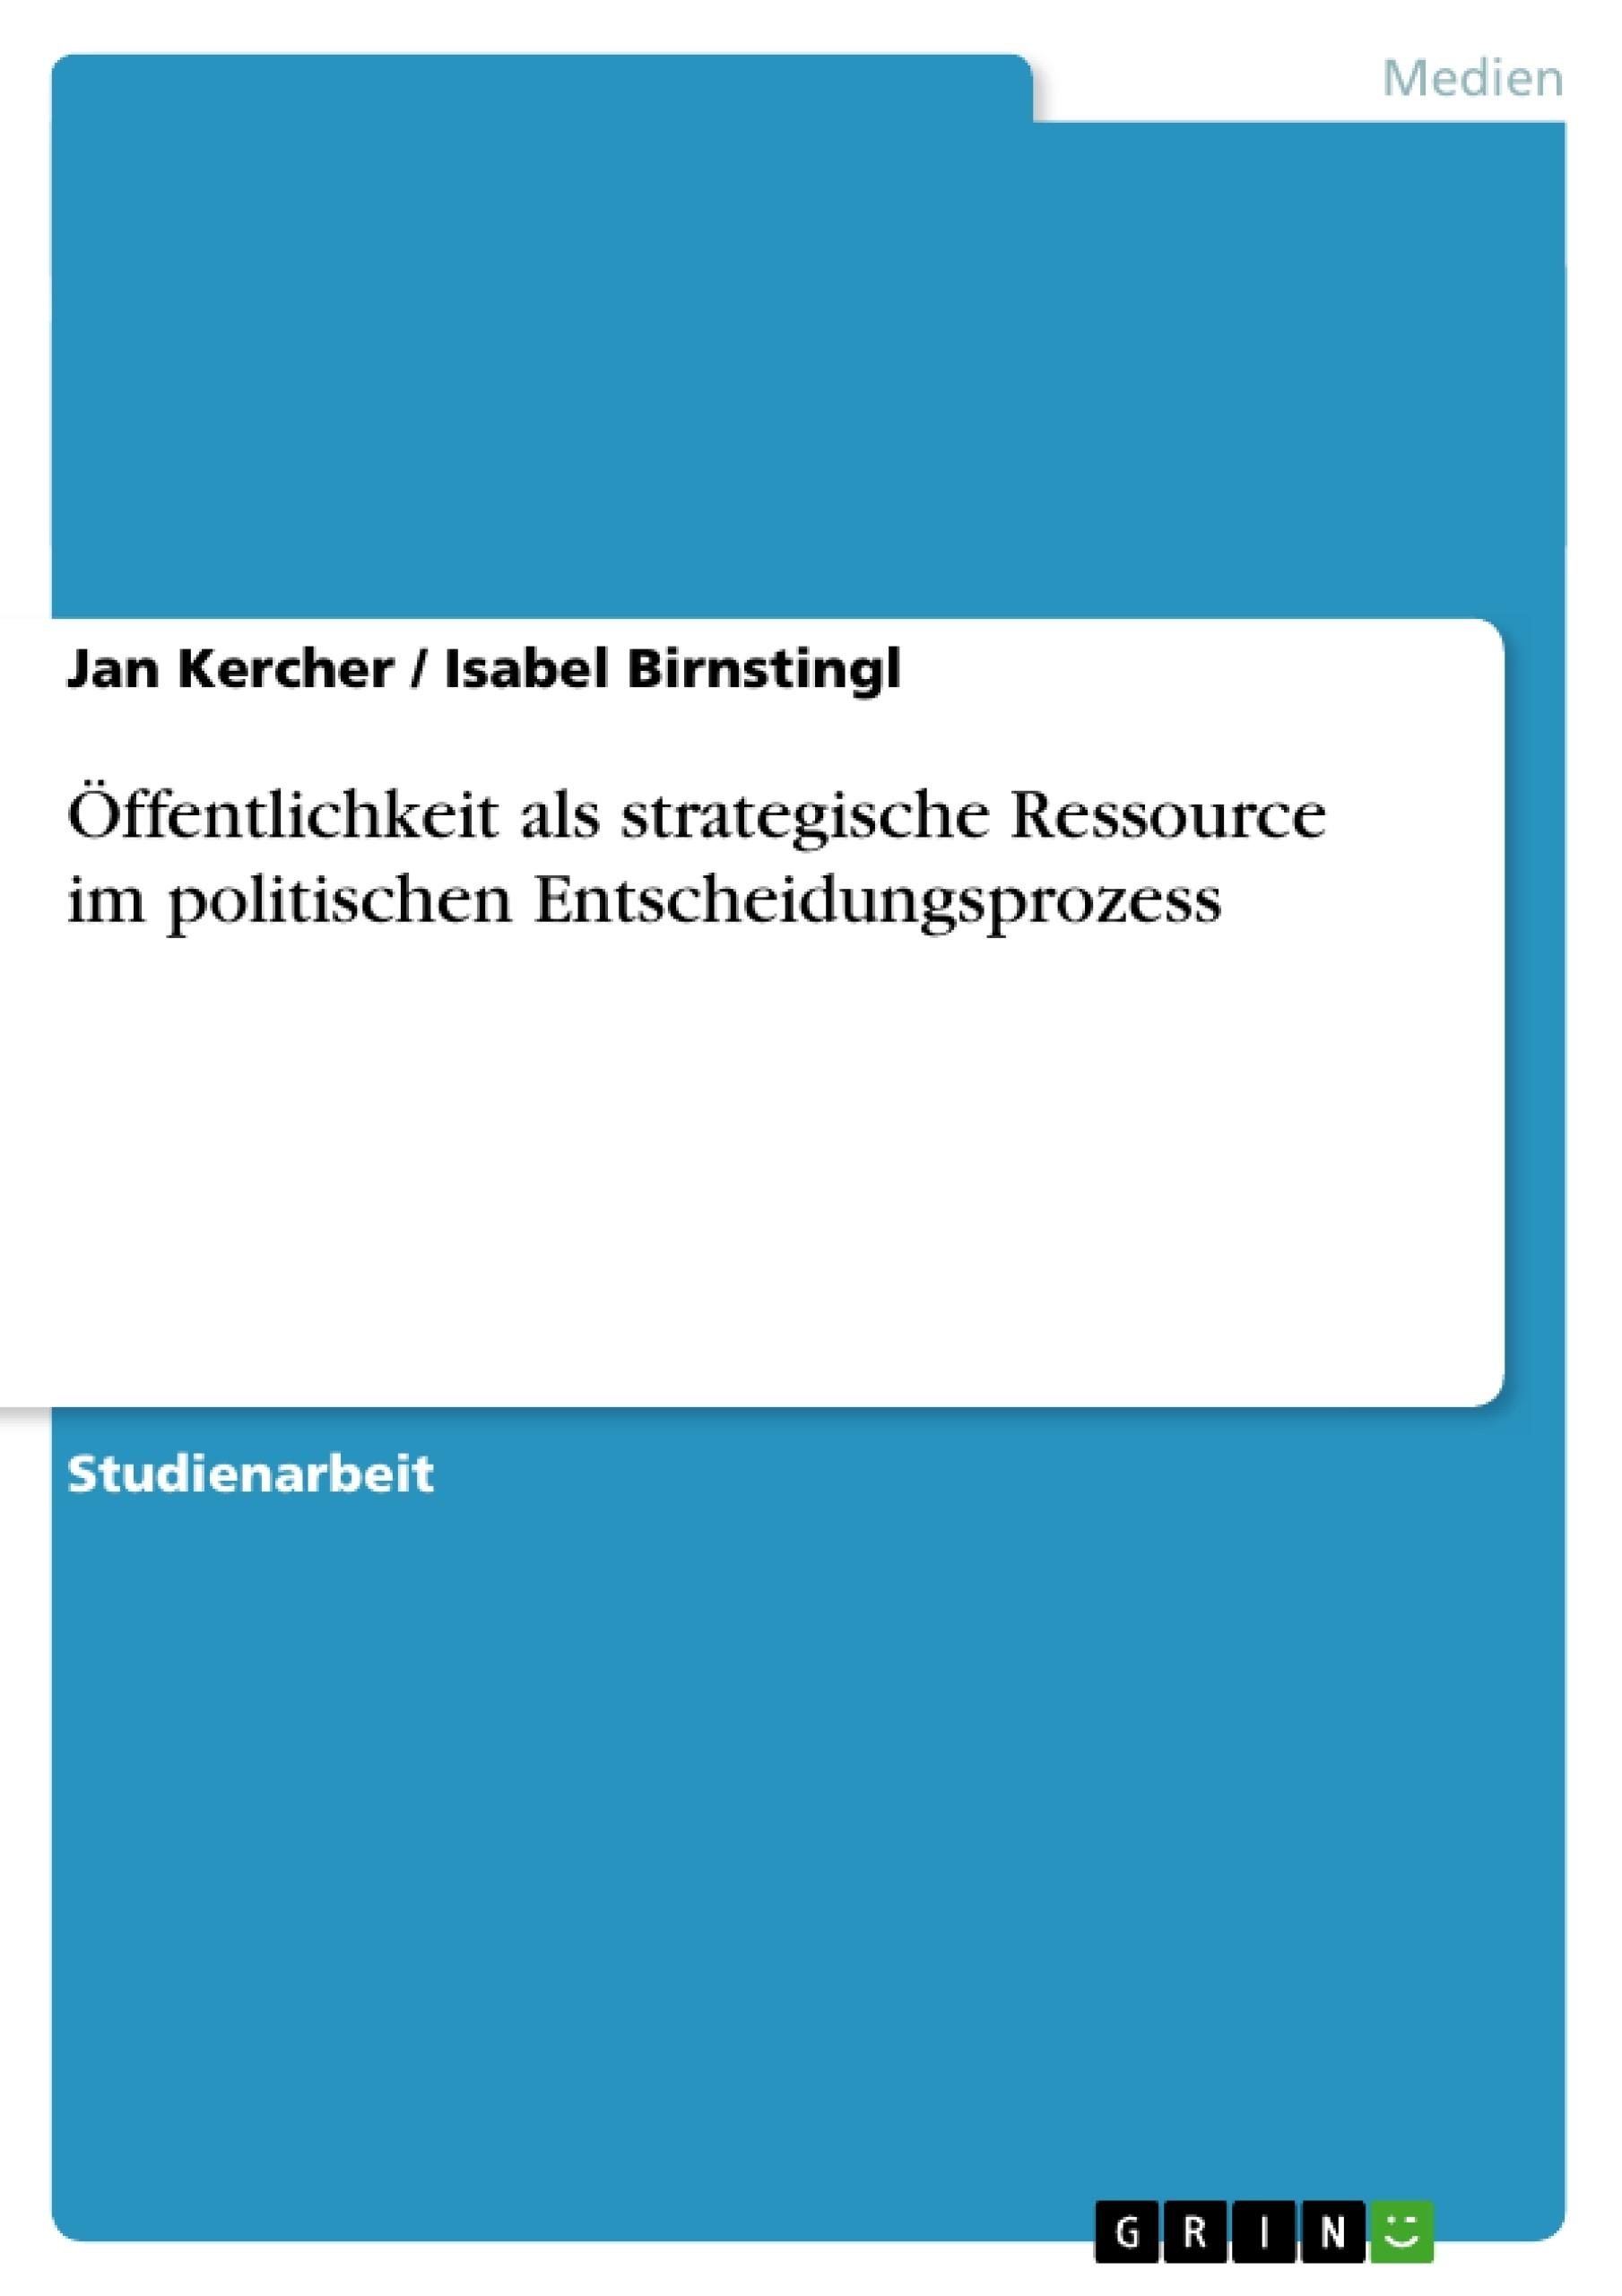 Titel: Öffentlichkeit als strategische Ressource im politischen Entscheidungsprozess